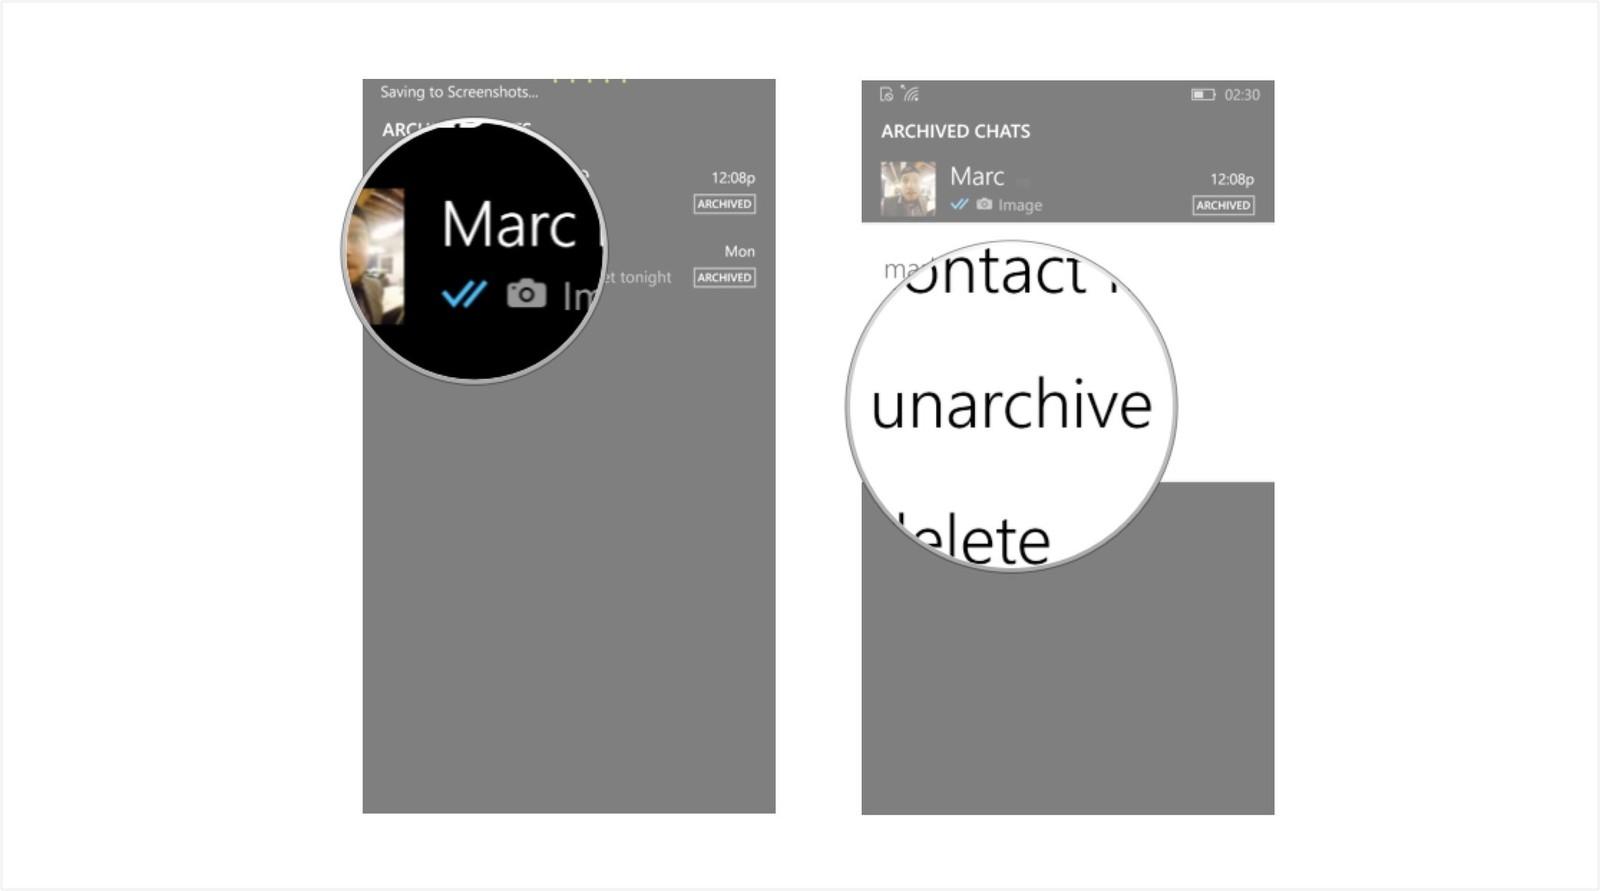 Как сохранить переписку и создать резервную копию в WhatsApp - разархивировать чат (2)